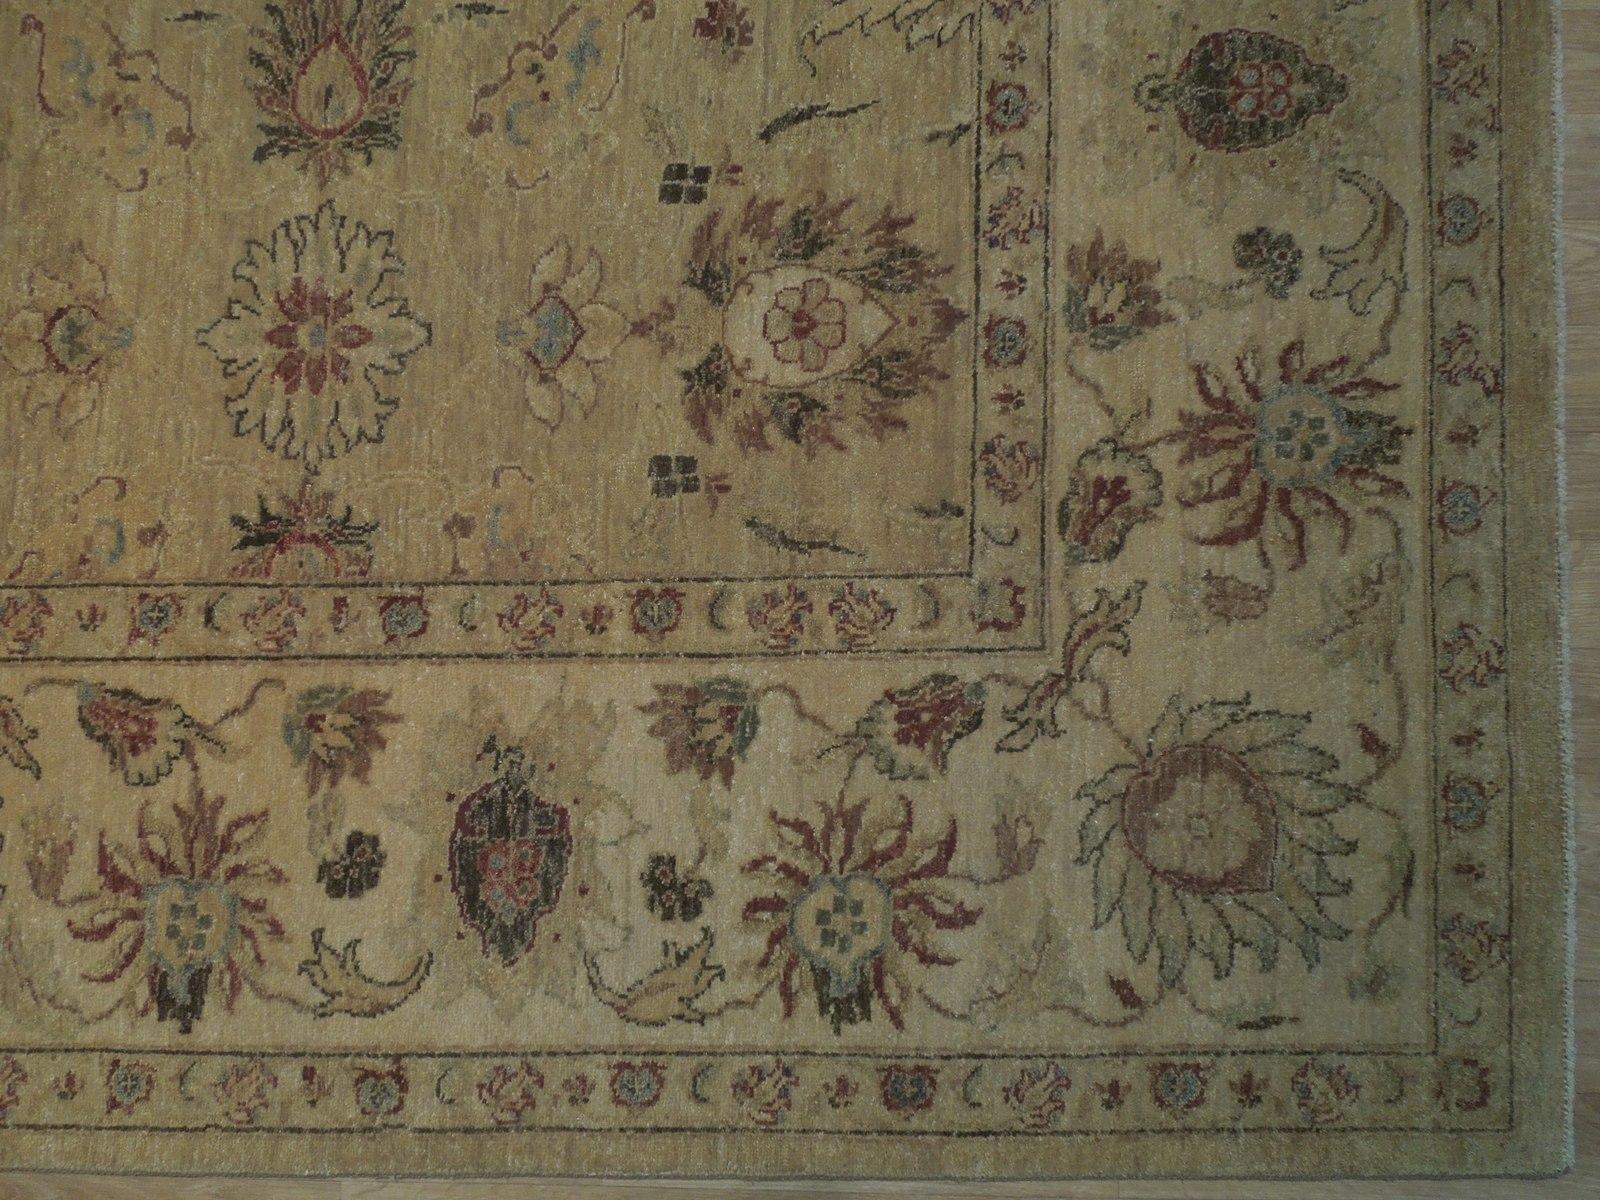 Honey Gold Wool Carpet 9' x 12' New Original Ziglar Oushak Hand-Knotted Rug image 7